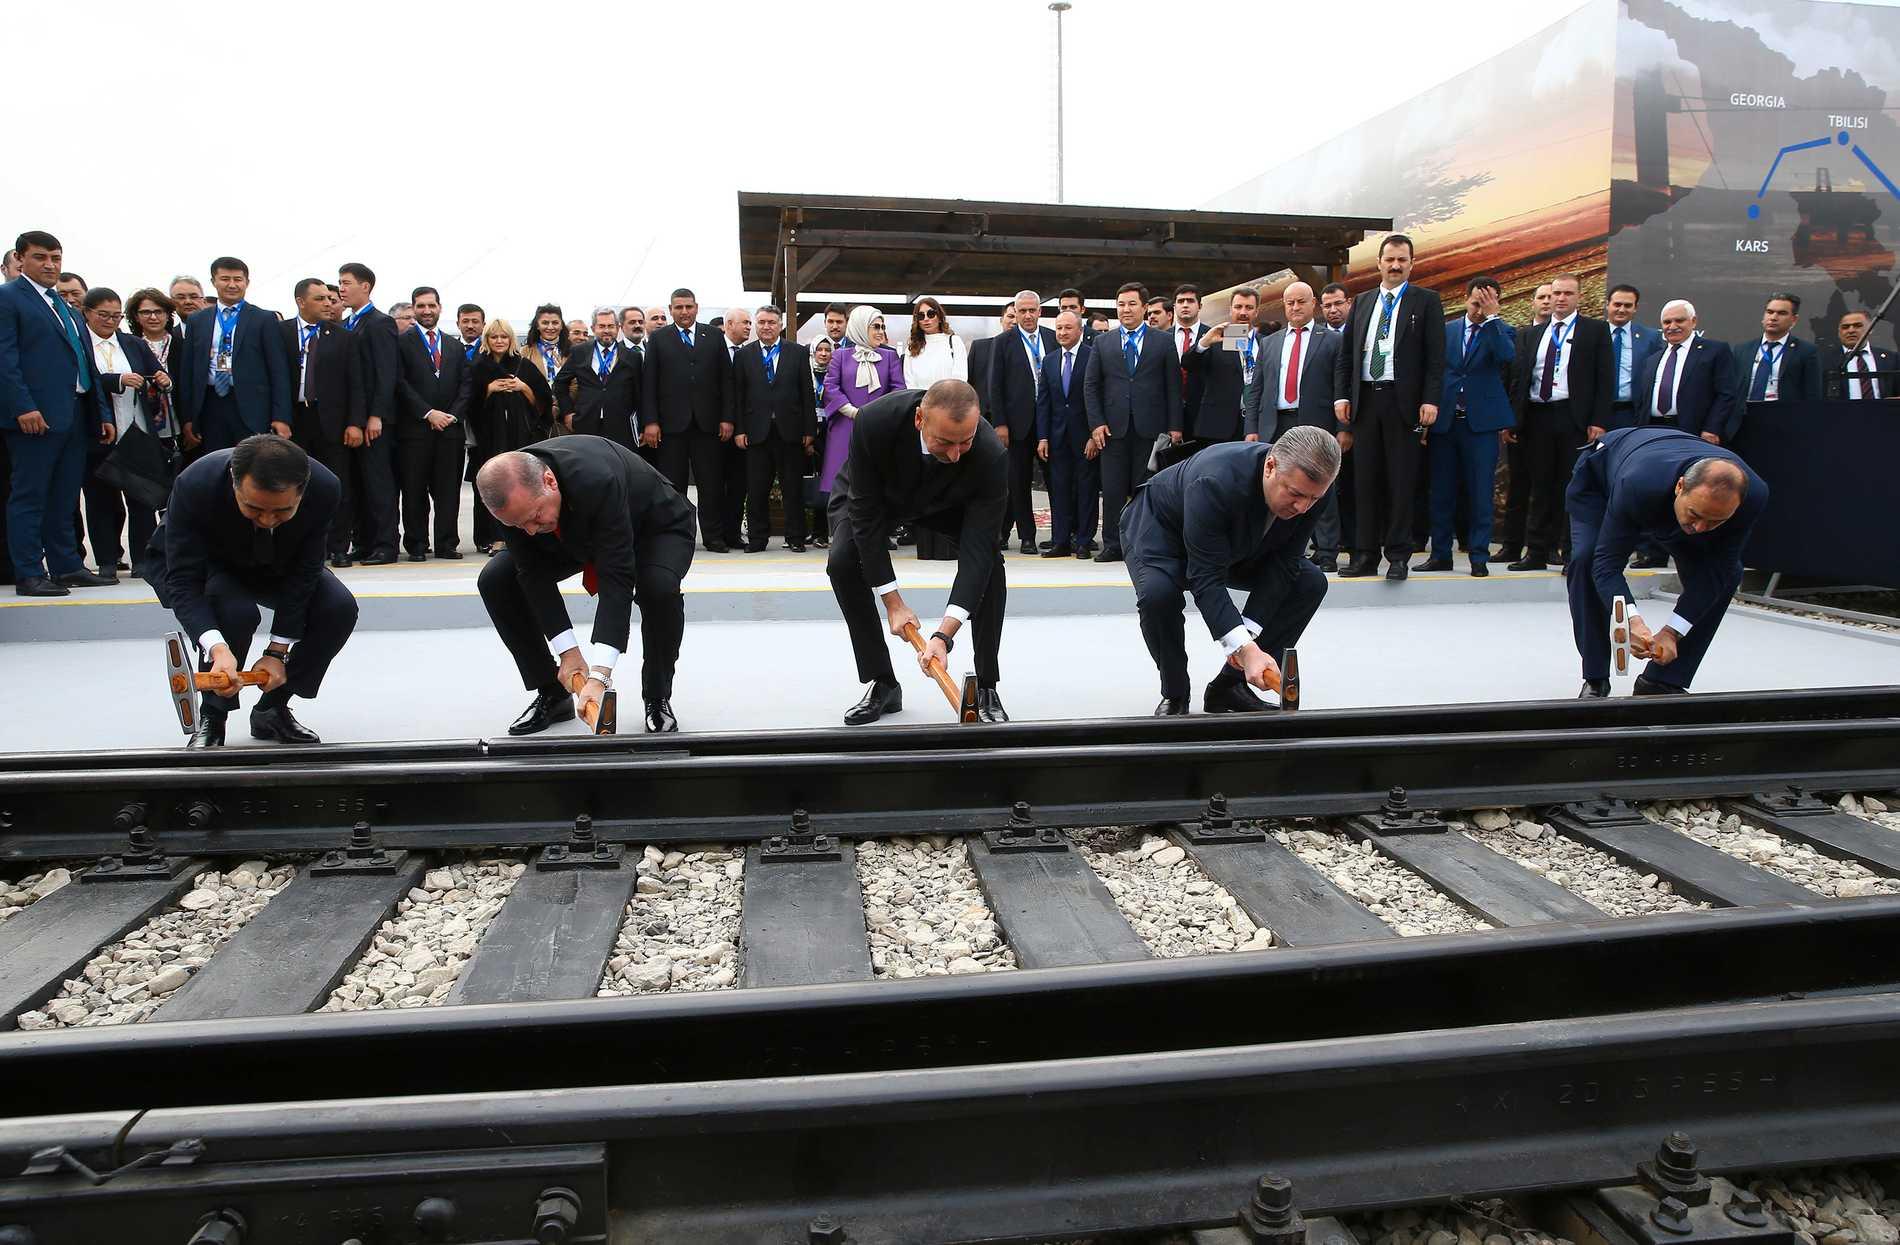 Turkiske presidenten Recep Tayyip Erdogan (andra från vänster) azeriske Ilham Aliyev (mitten) och Georgiens premiärminister Giorgi Kvirikasjvili (andra till höger) inviger bygget av den nya järnvägen.